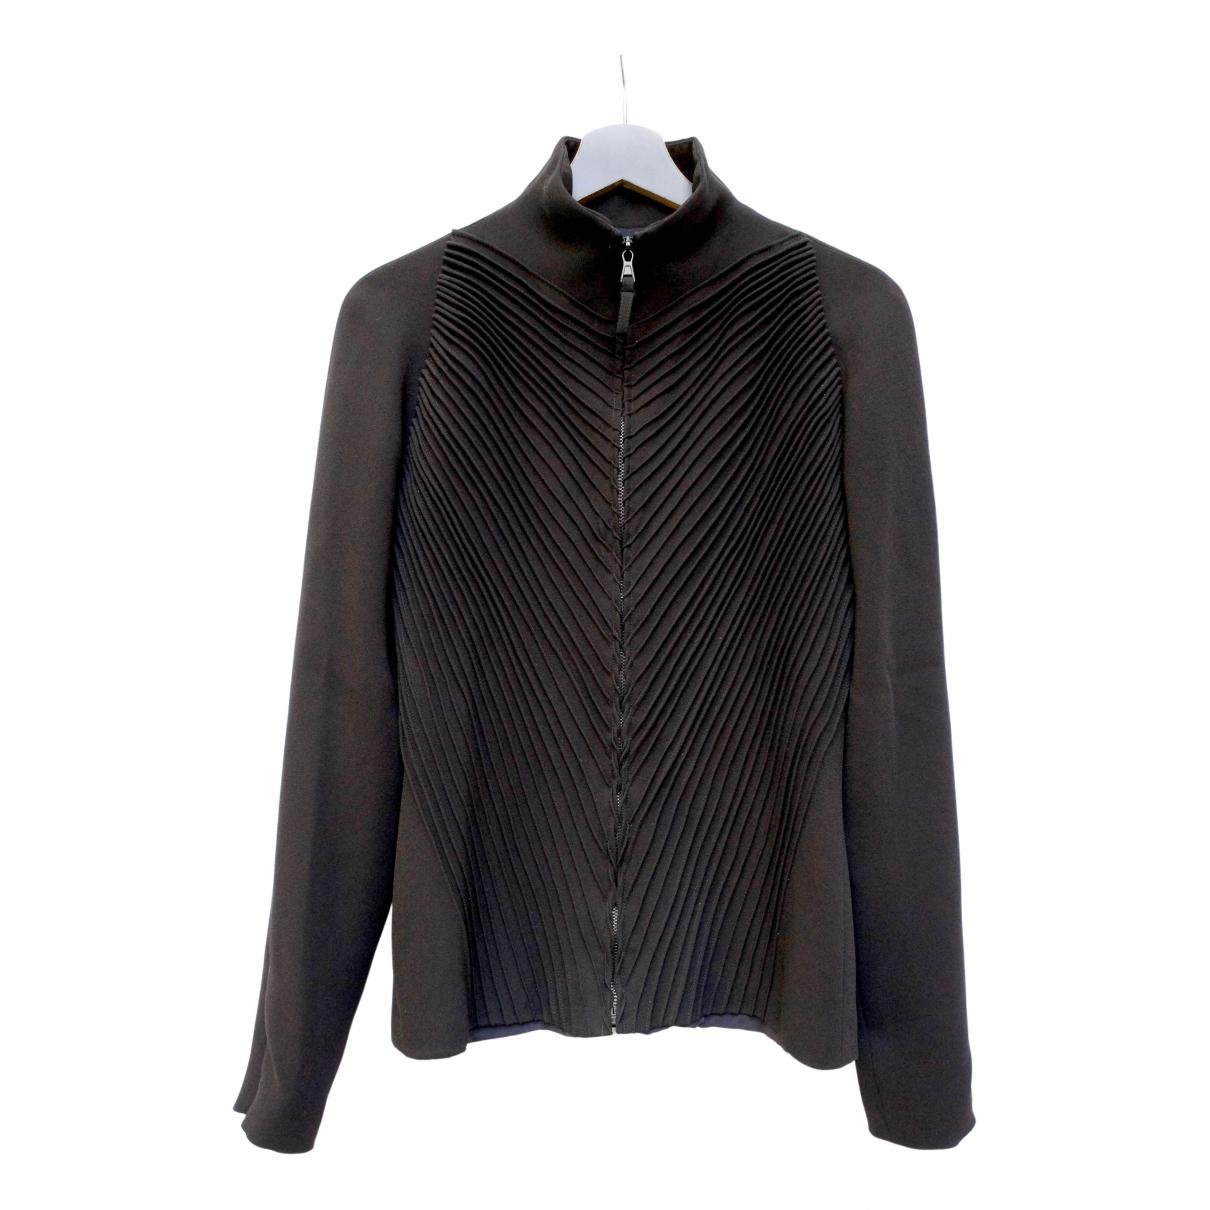 Jean Paul Gaultier N Black jacket for Women M International